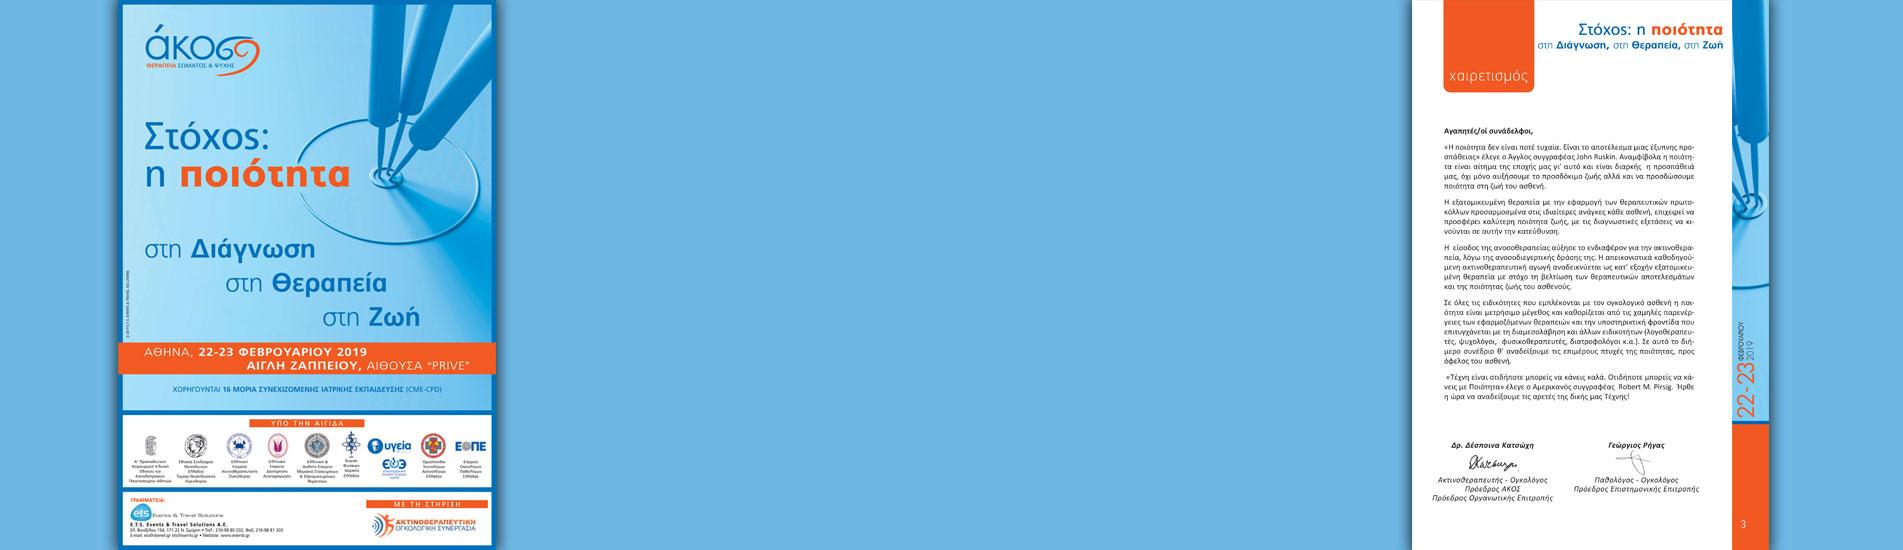 Διήμερο επιστημονικό συνέδριο της ΑΚΟΣ 22 & 23/02